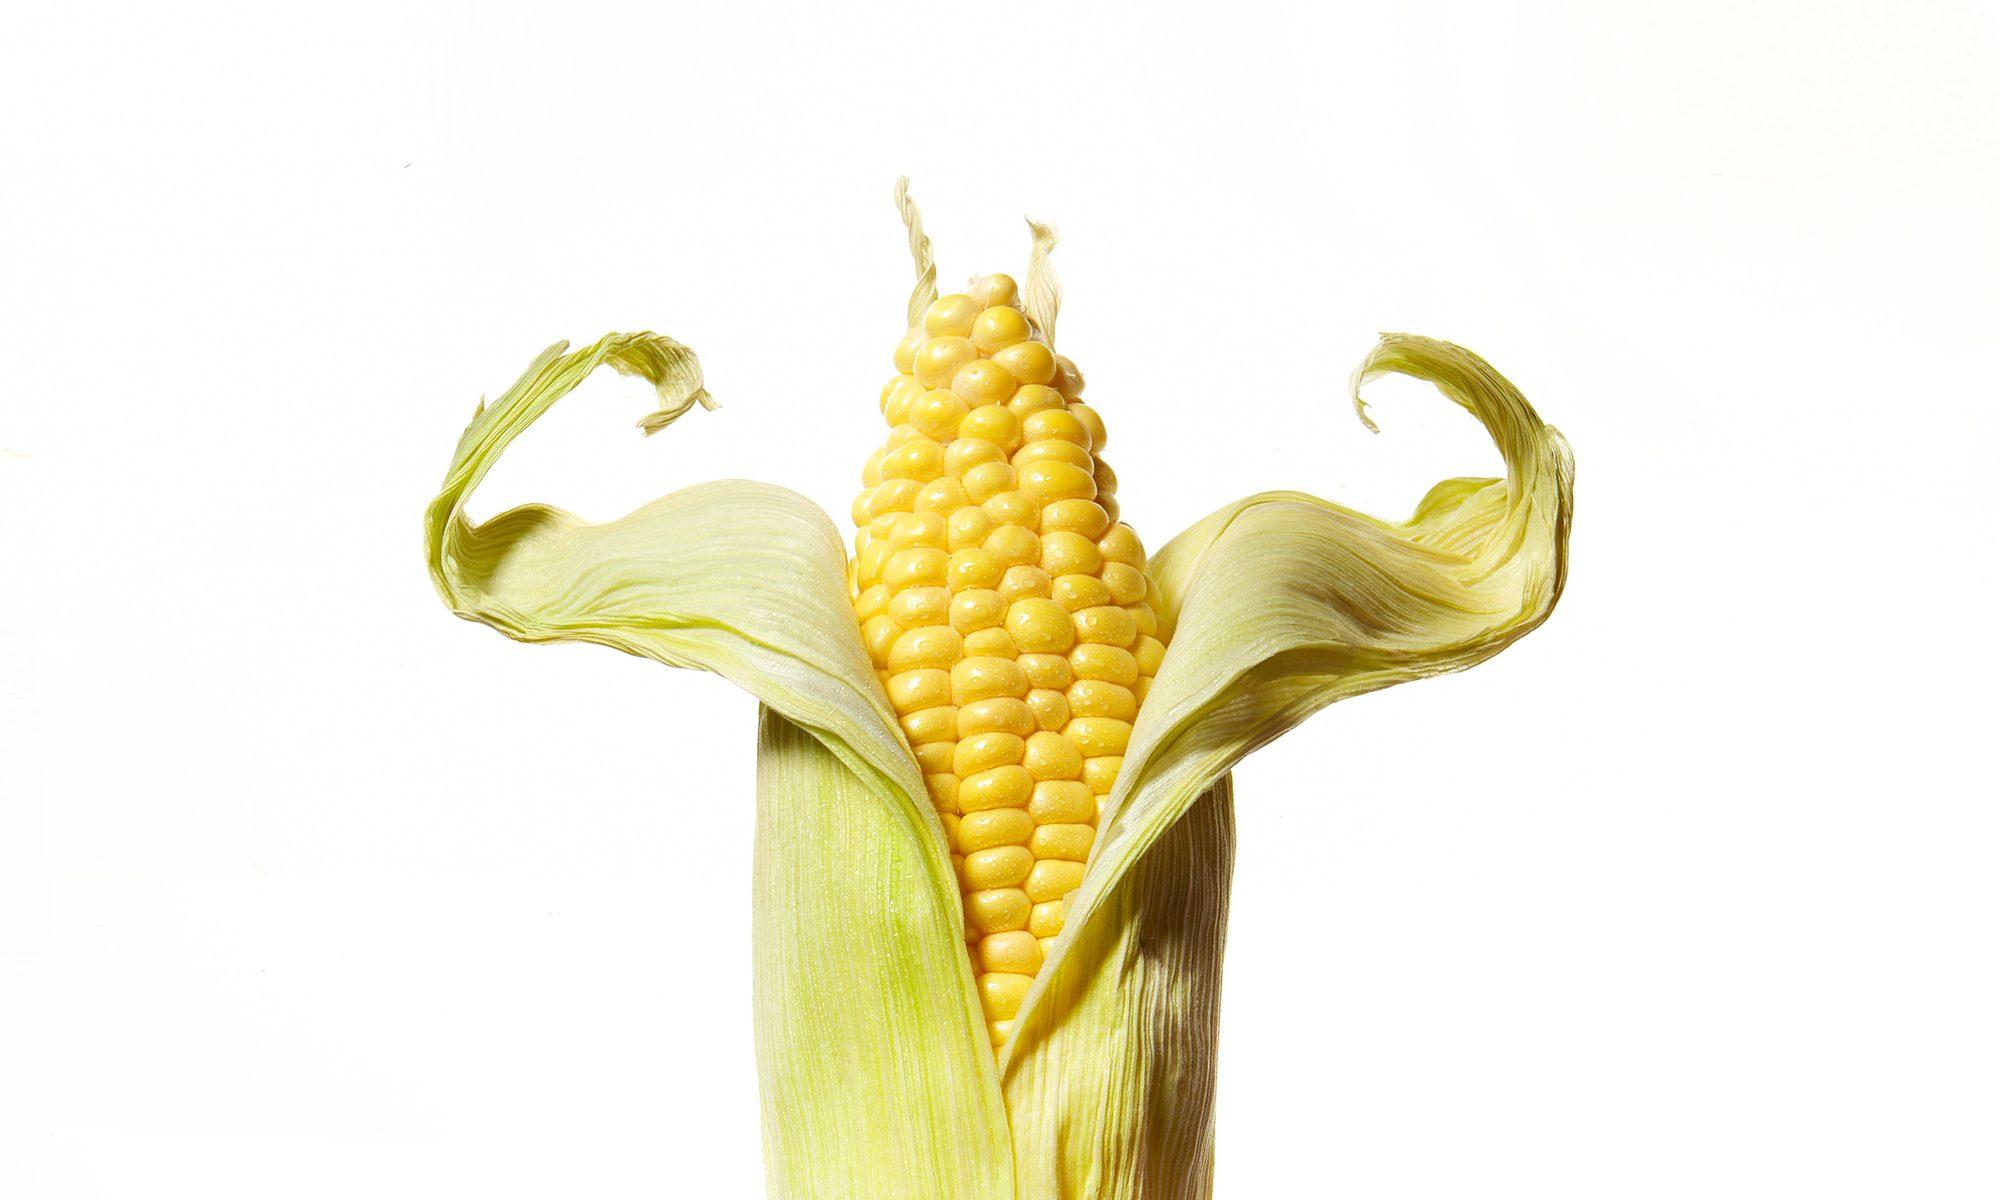 corn cob flexing muscles